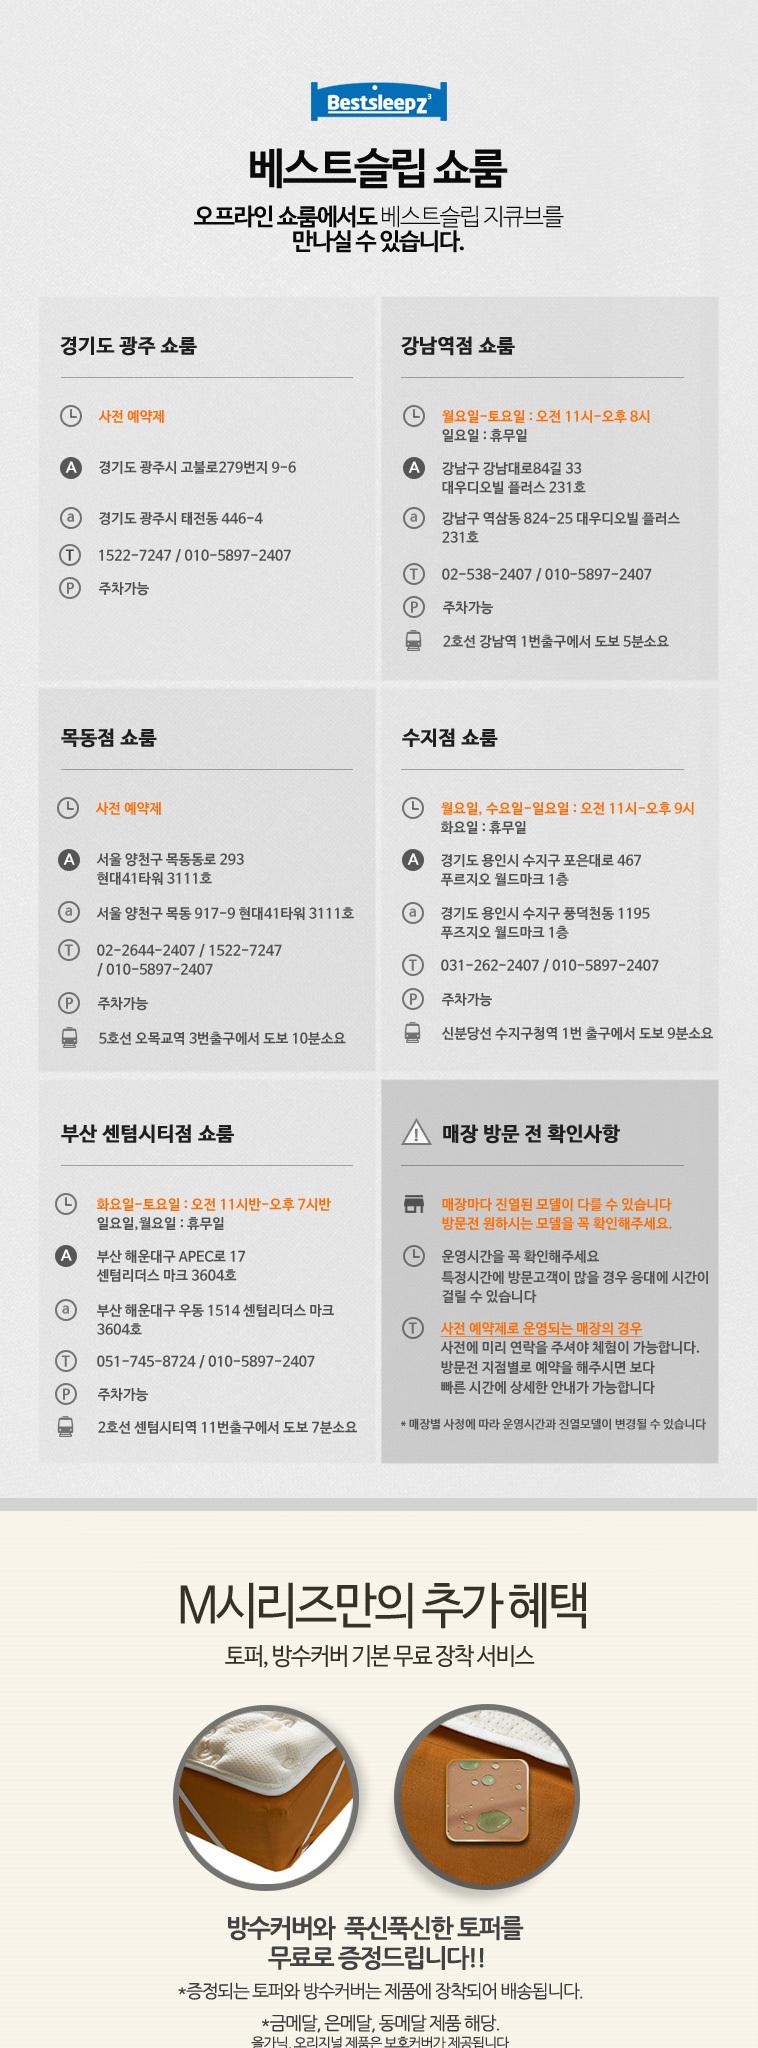 베스트슬립 토퍼 M시리즈 침대 - 상세정보